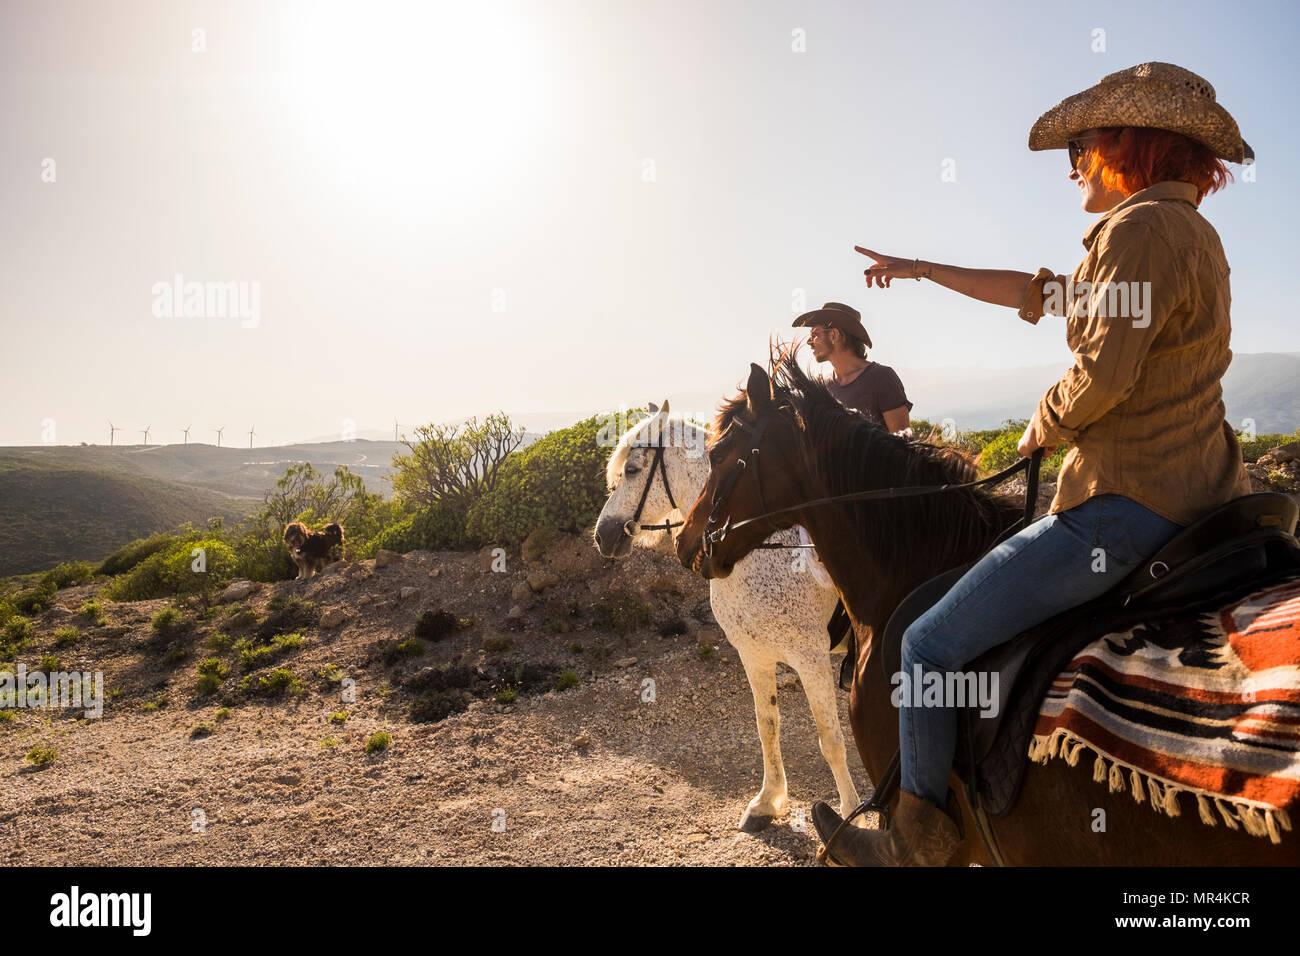 Coppia in vacanza a Tenerife corsa dei cavalli nella natura con mulino a vento sullo sfondo e soleggiata giornata colorati. cani e animali outdoor le attività per il tempo libero Immagini Stock